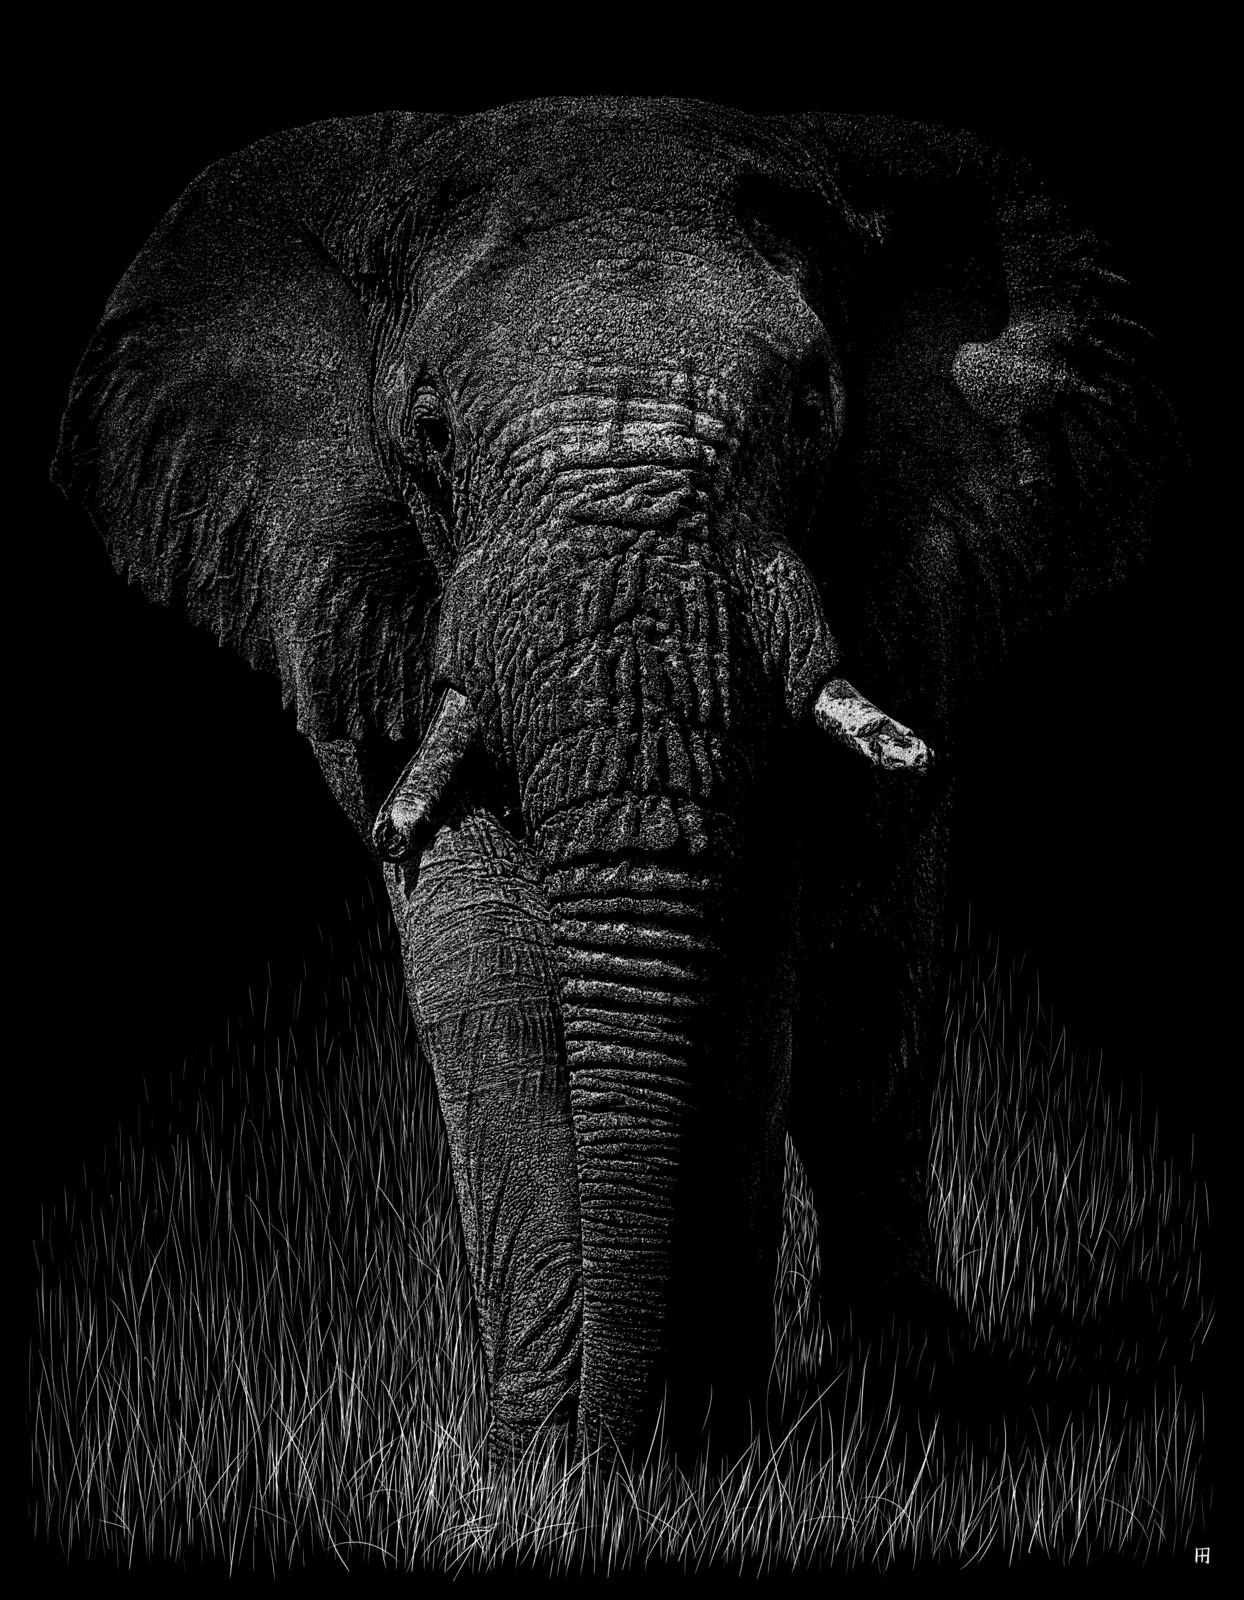 elephantidae II